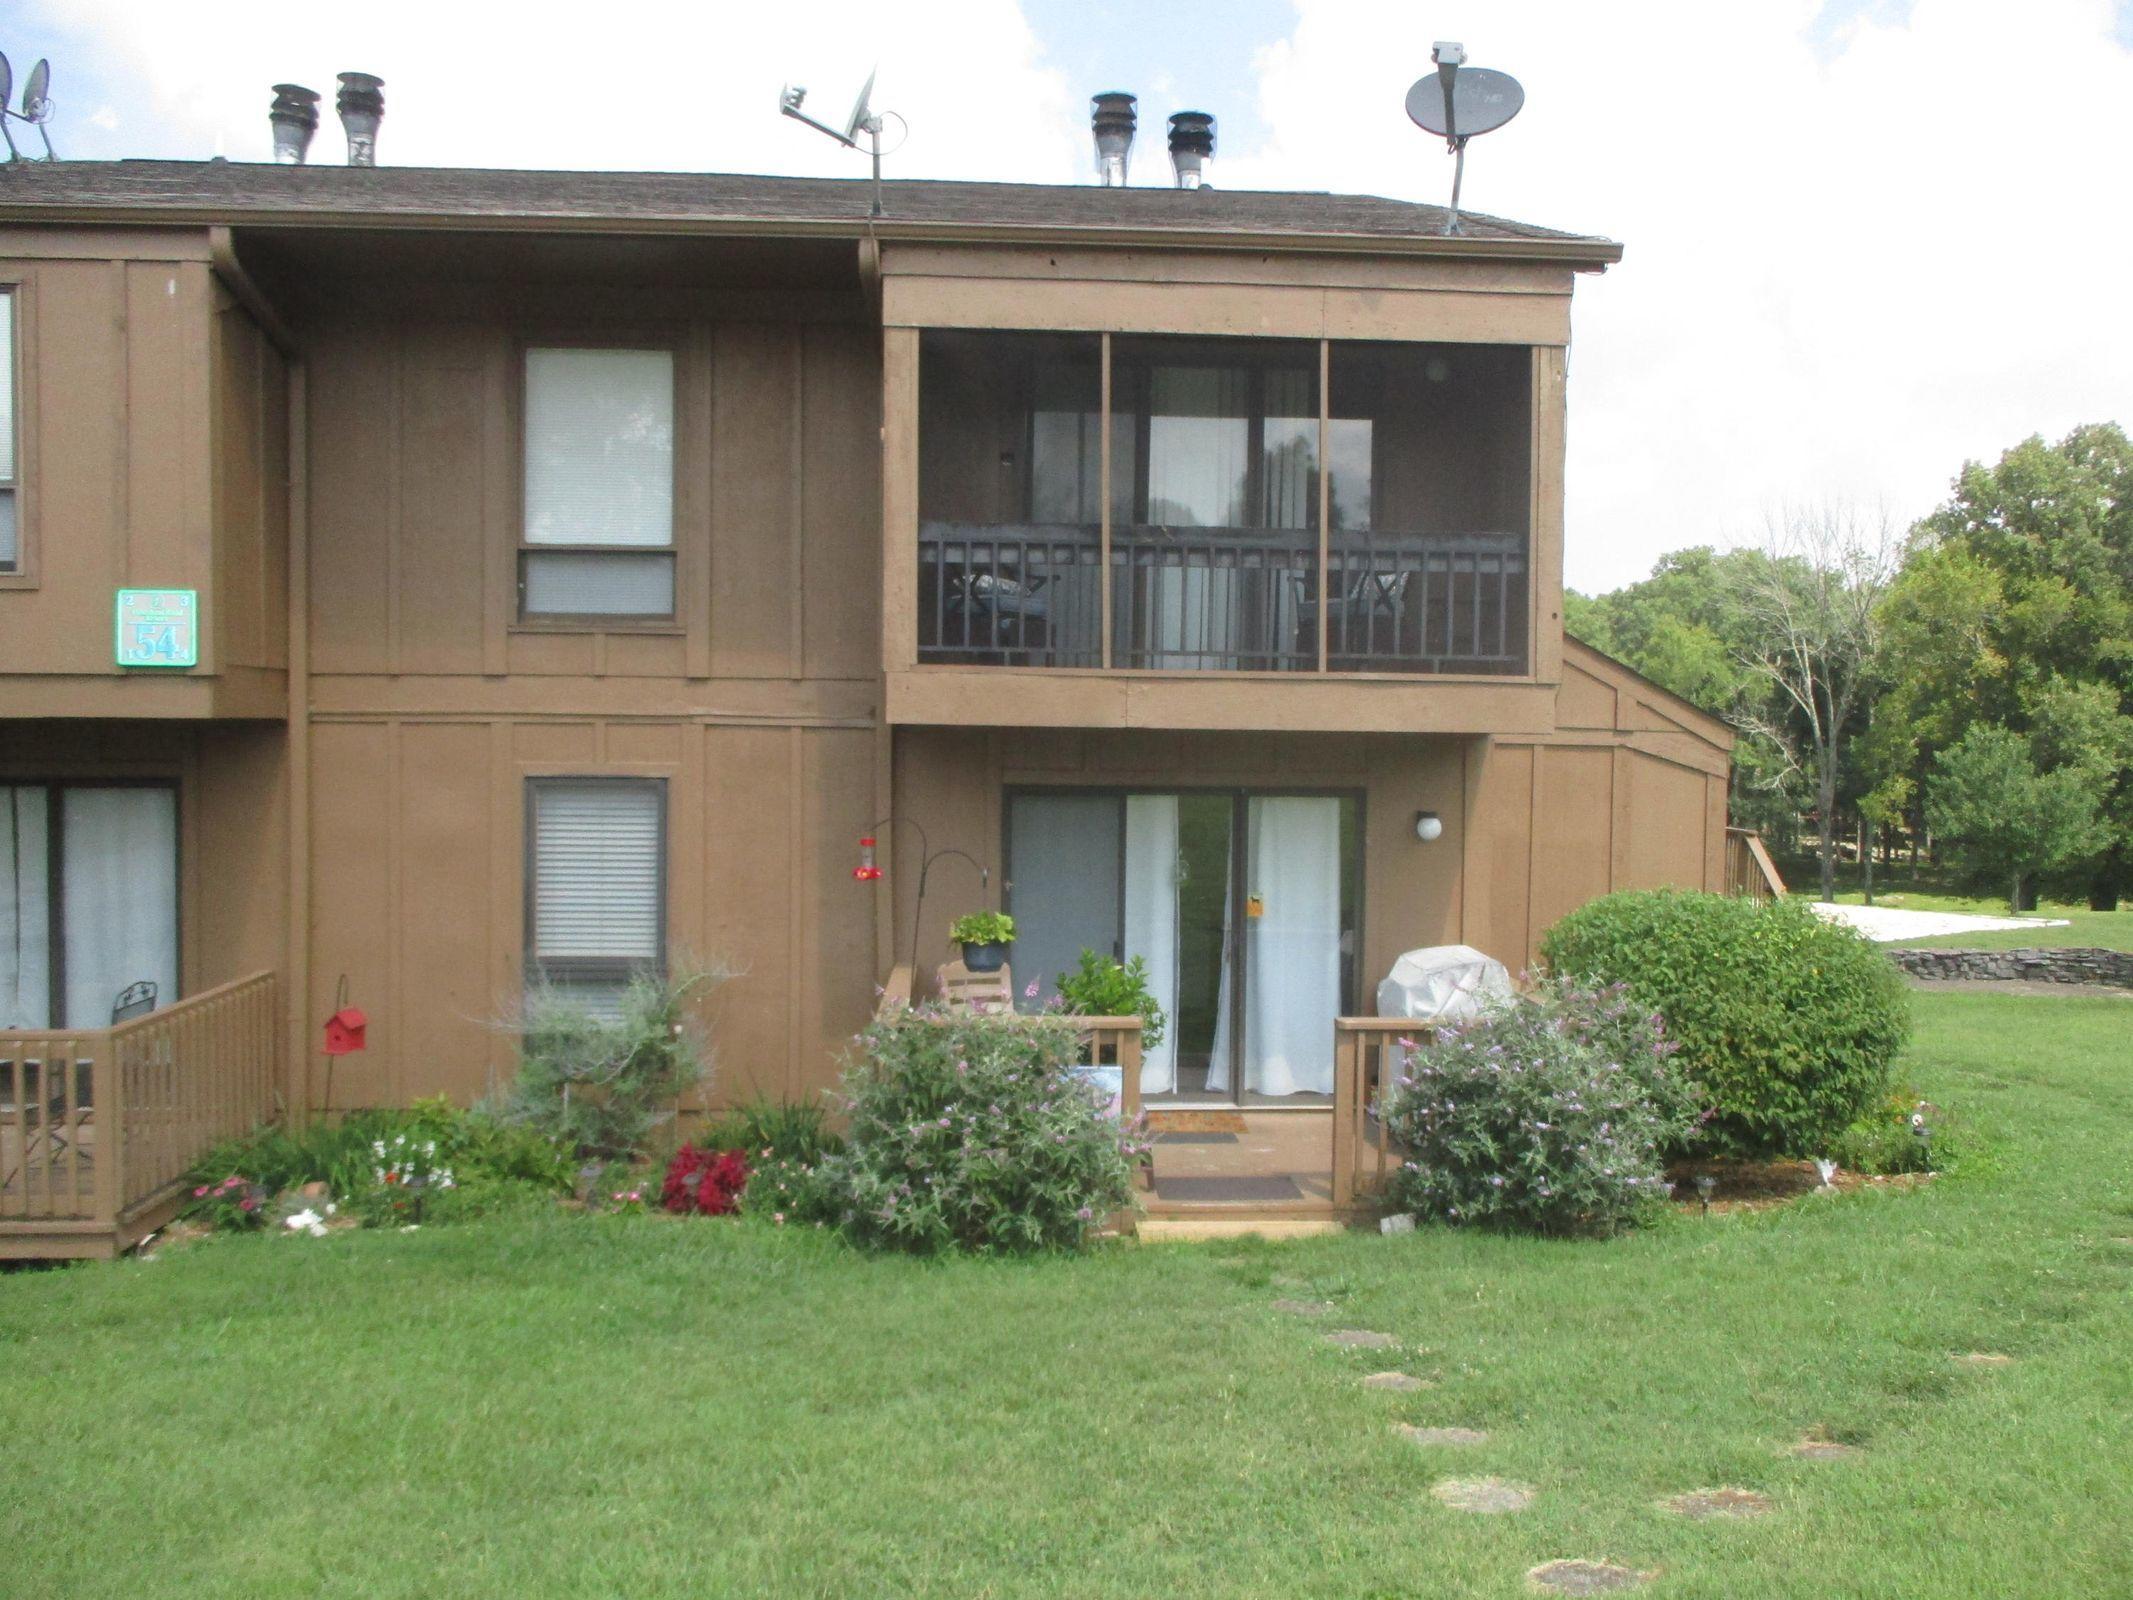 54-4 Woodson Bend Resort, Bronston, KY 42518